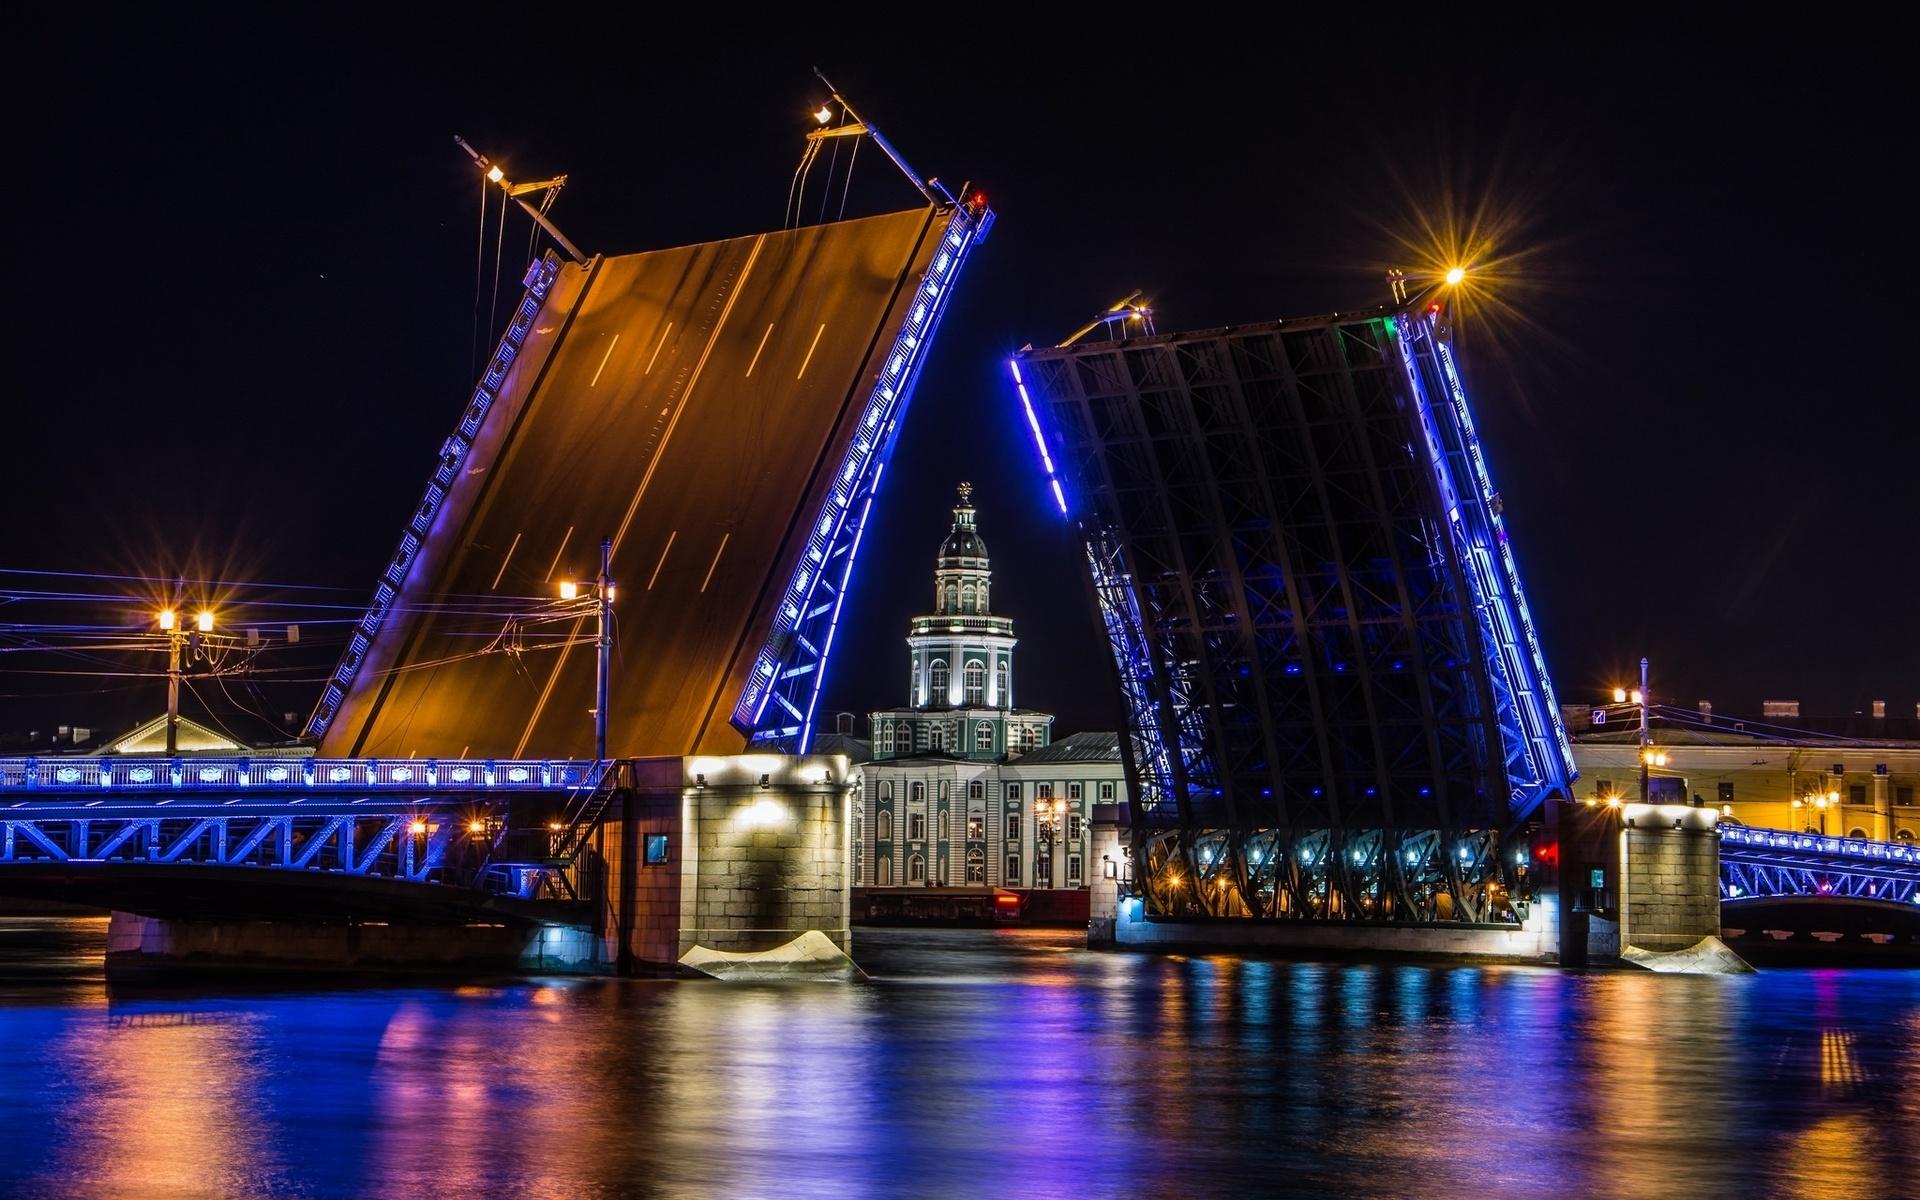 санкт-петербург мосты картинки и фото